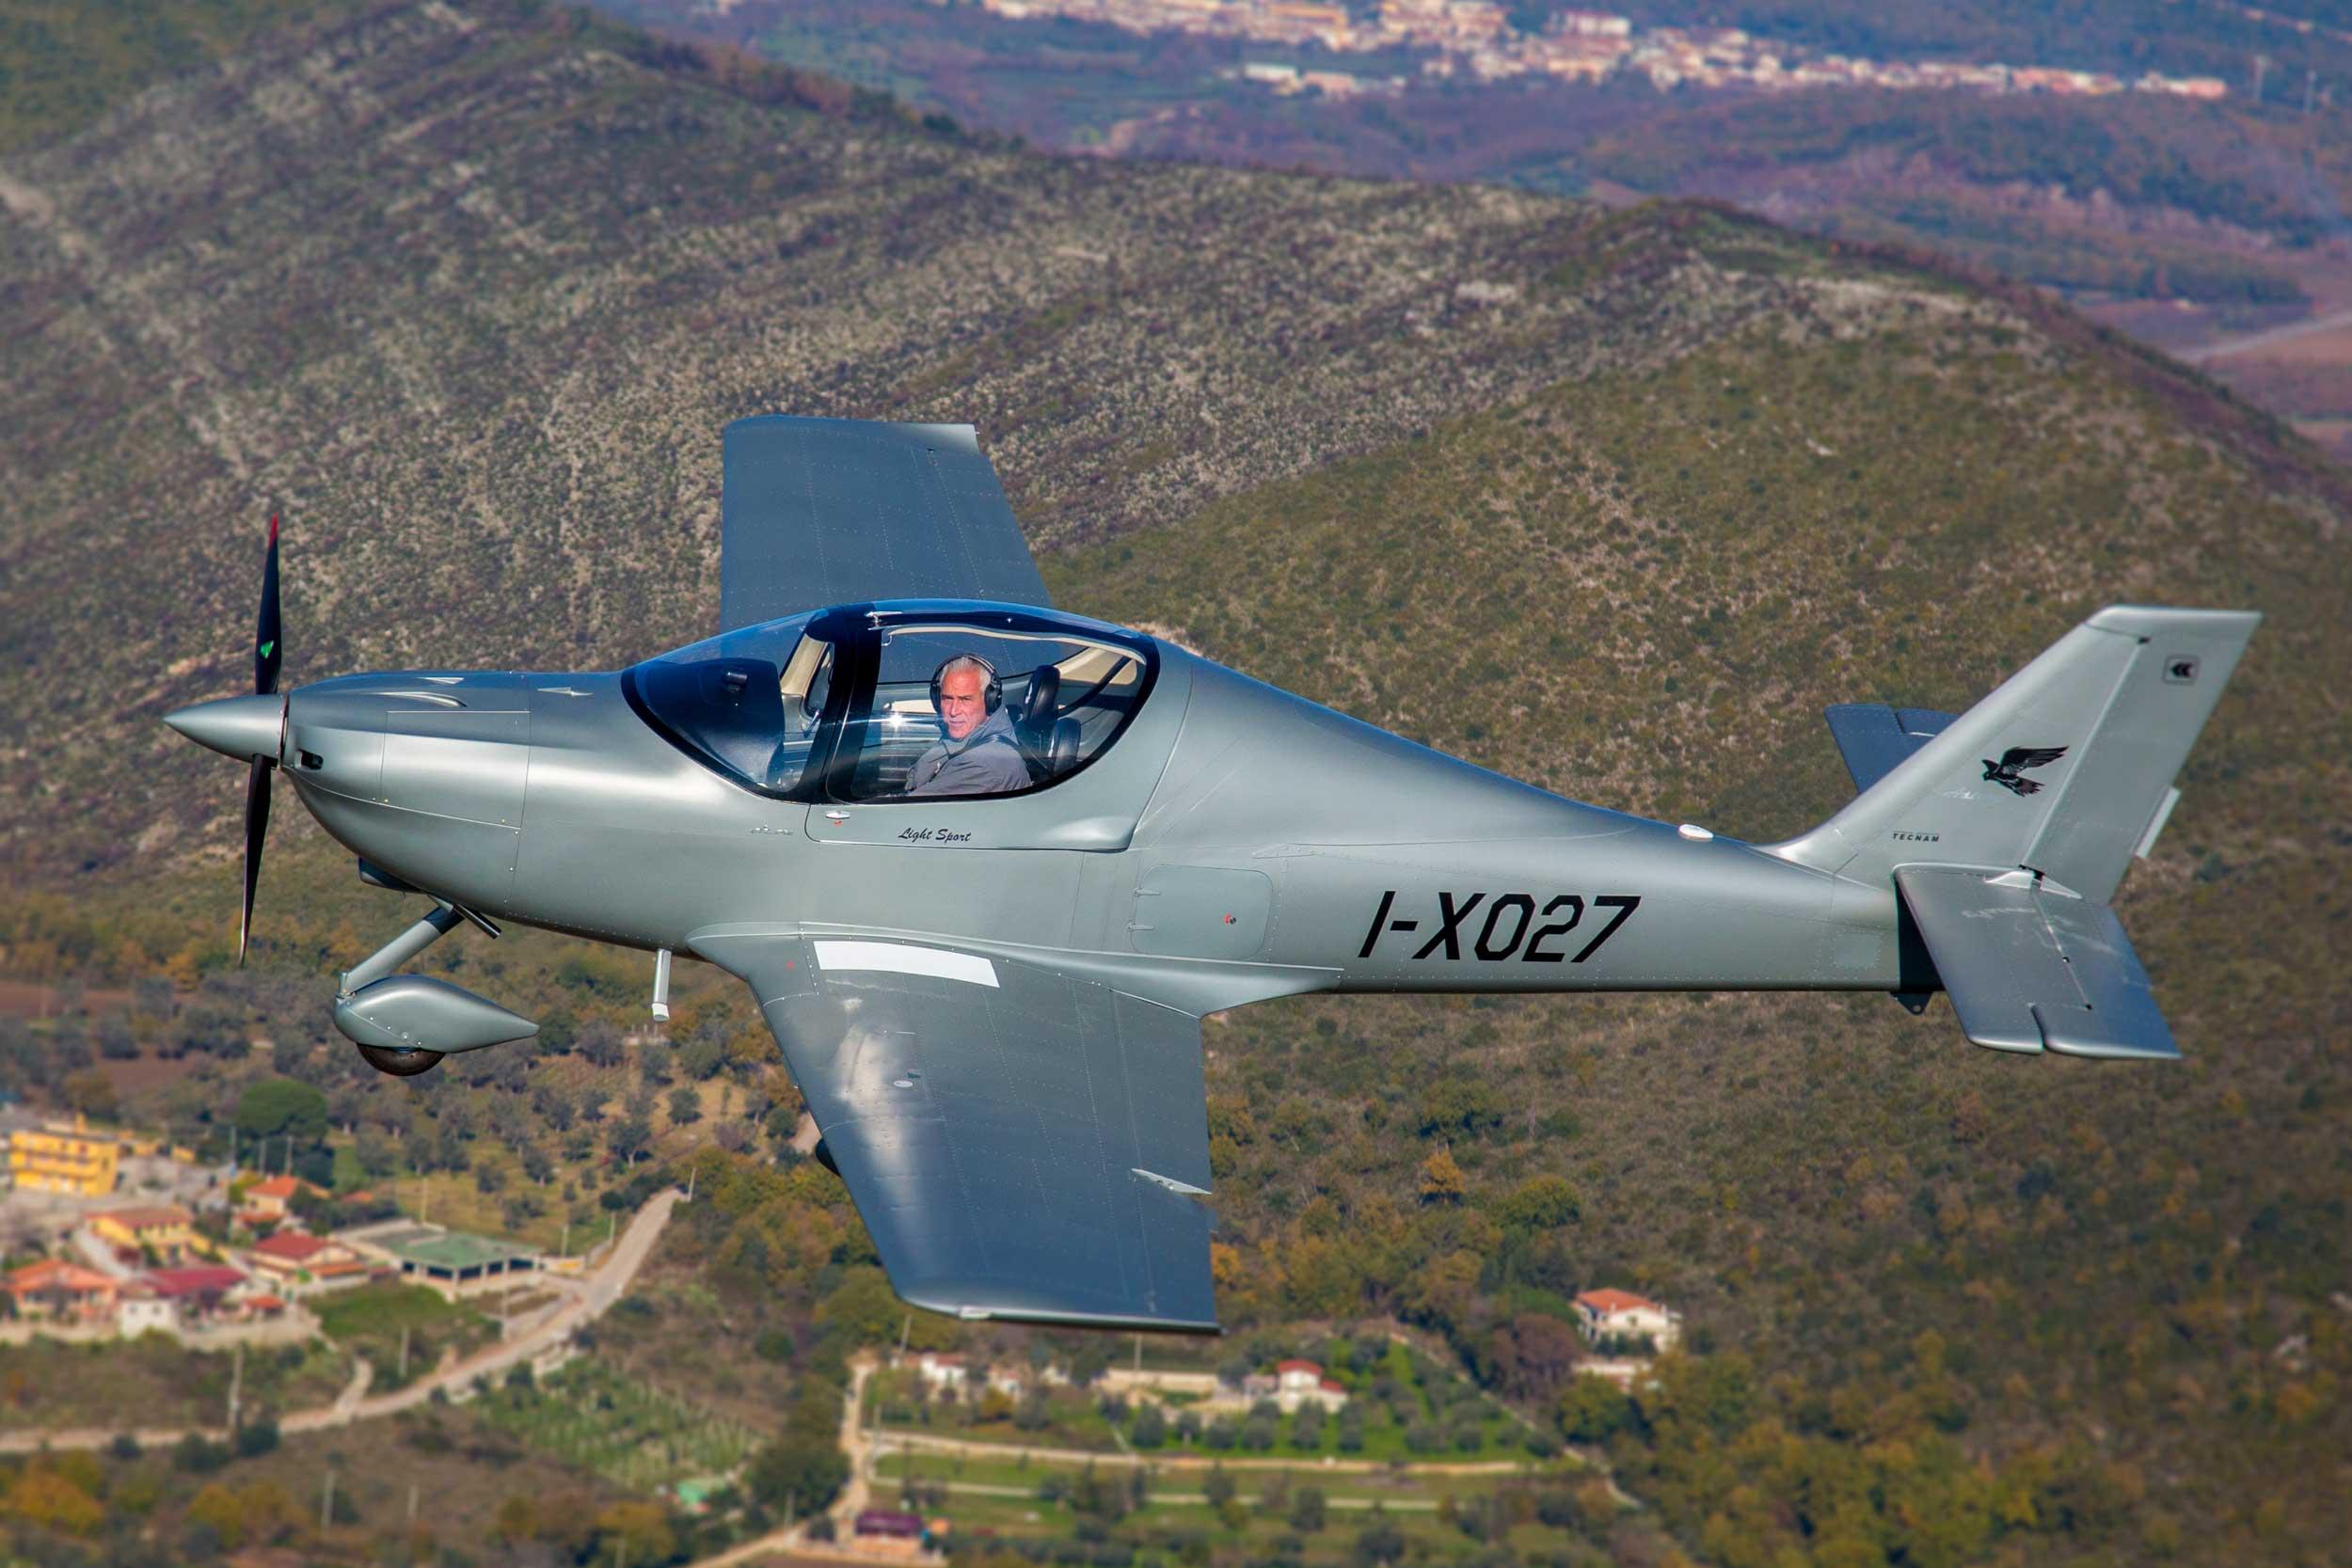 military aviation best airframe meet british engine